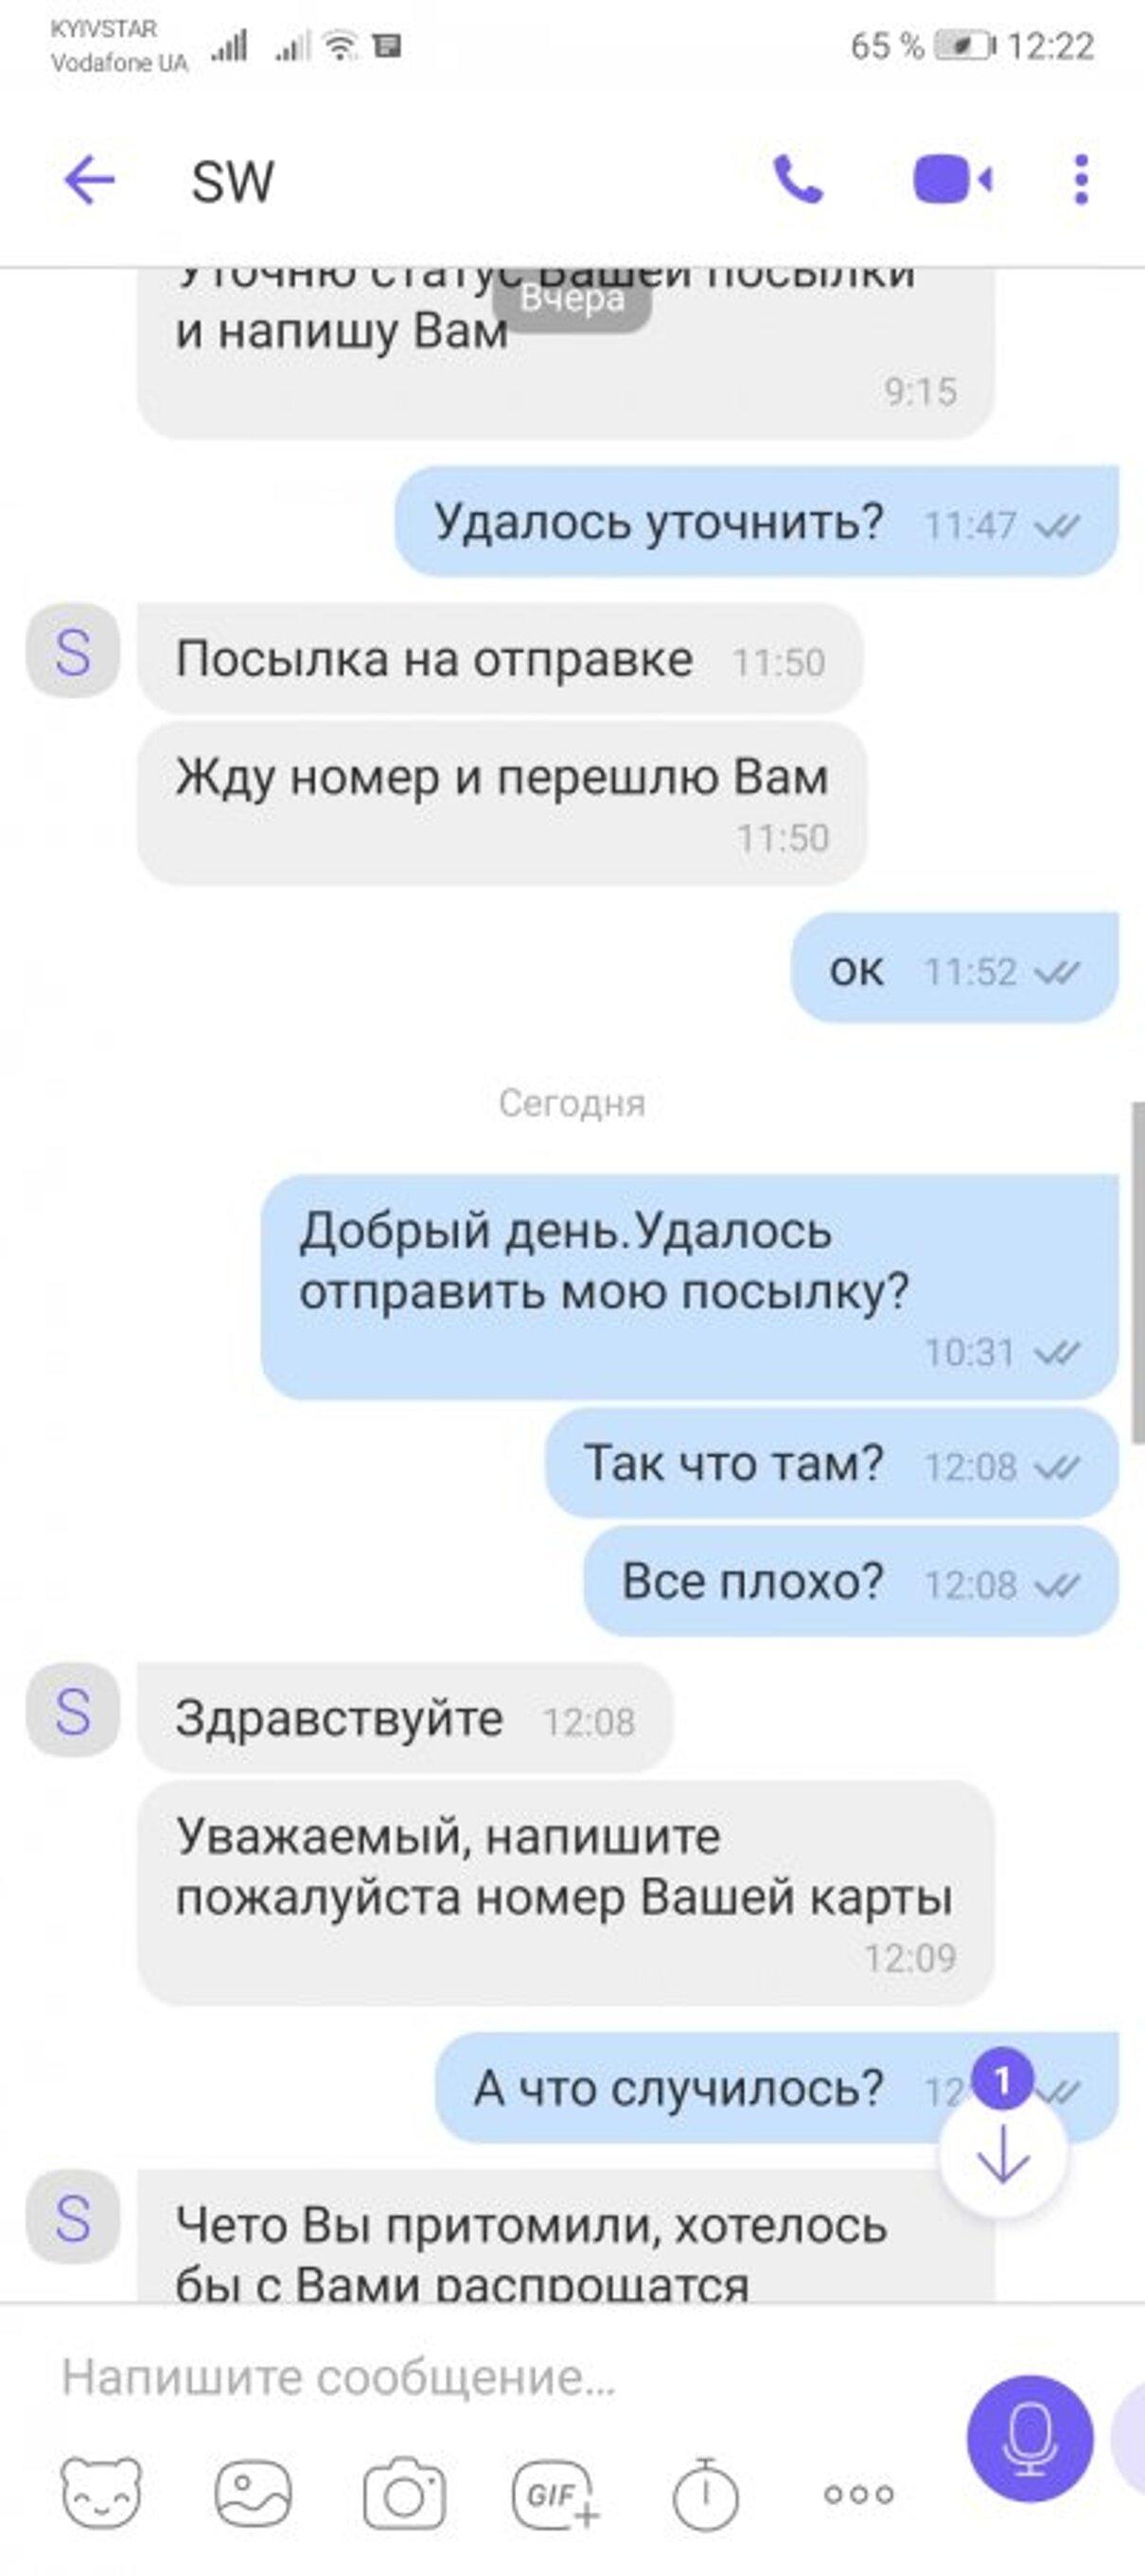 Жалоба-отзыв: Sports-wear.com.ua - Лгуны и хамы